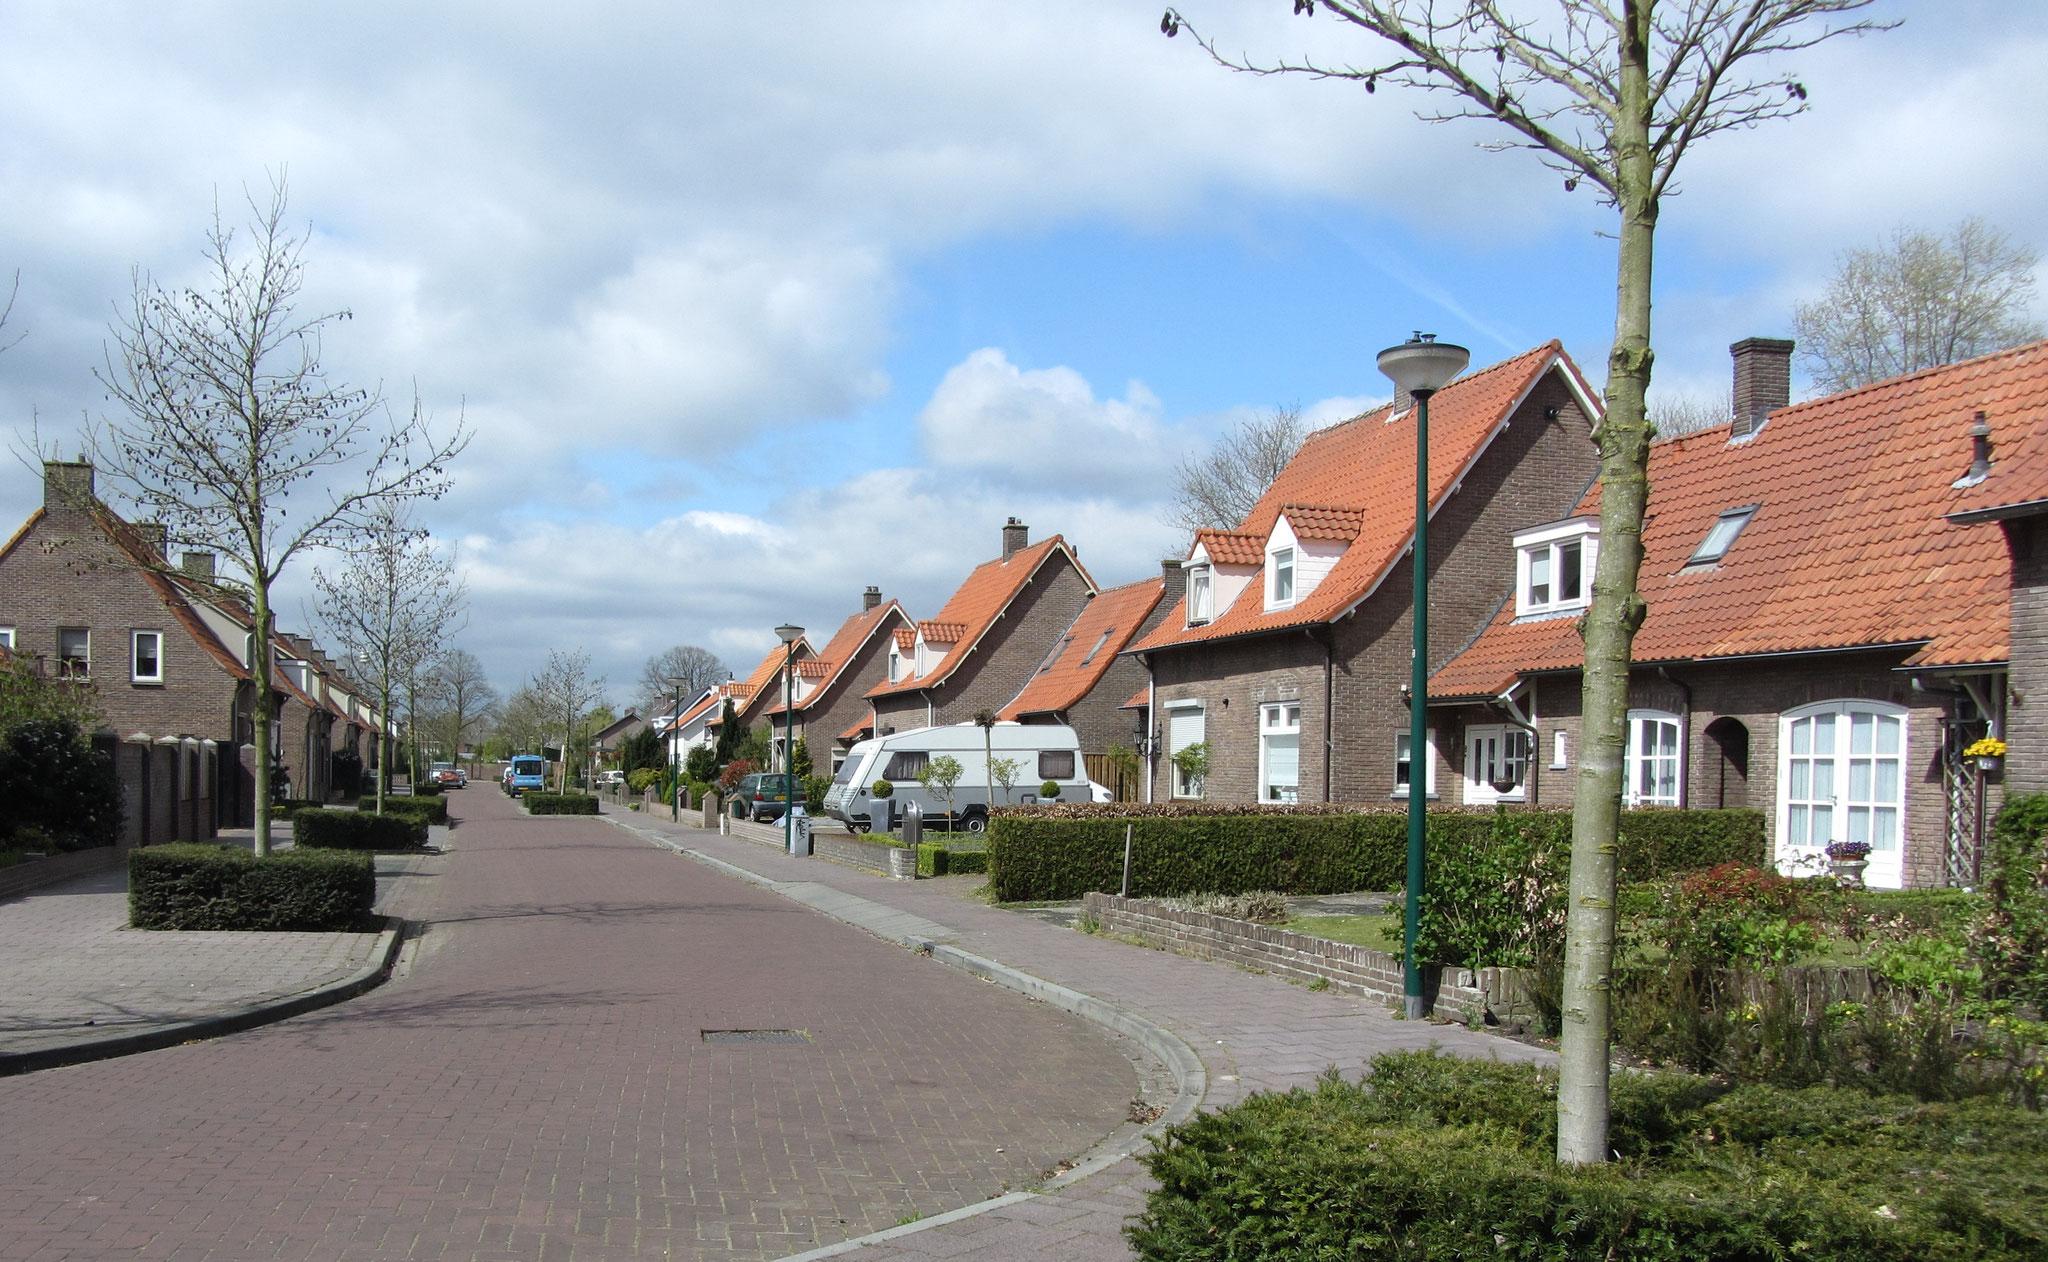 StraatbeeldHeesch, gebiedstype woningbouw uit de Wederopbouw